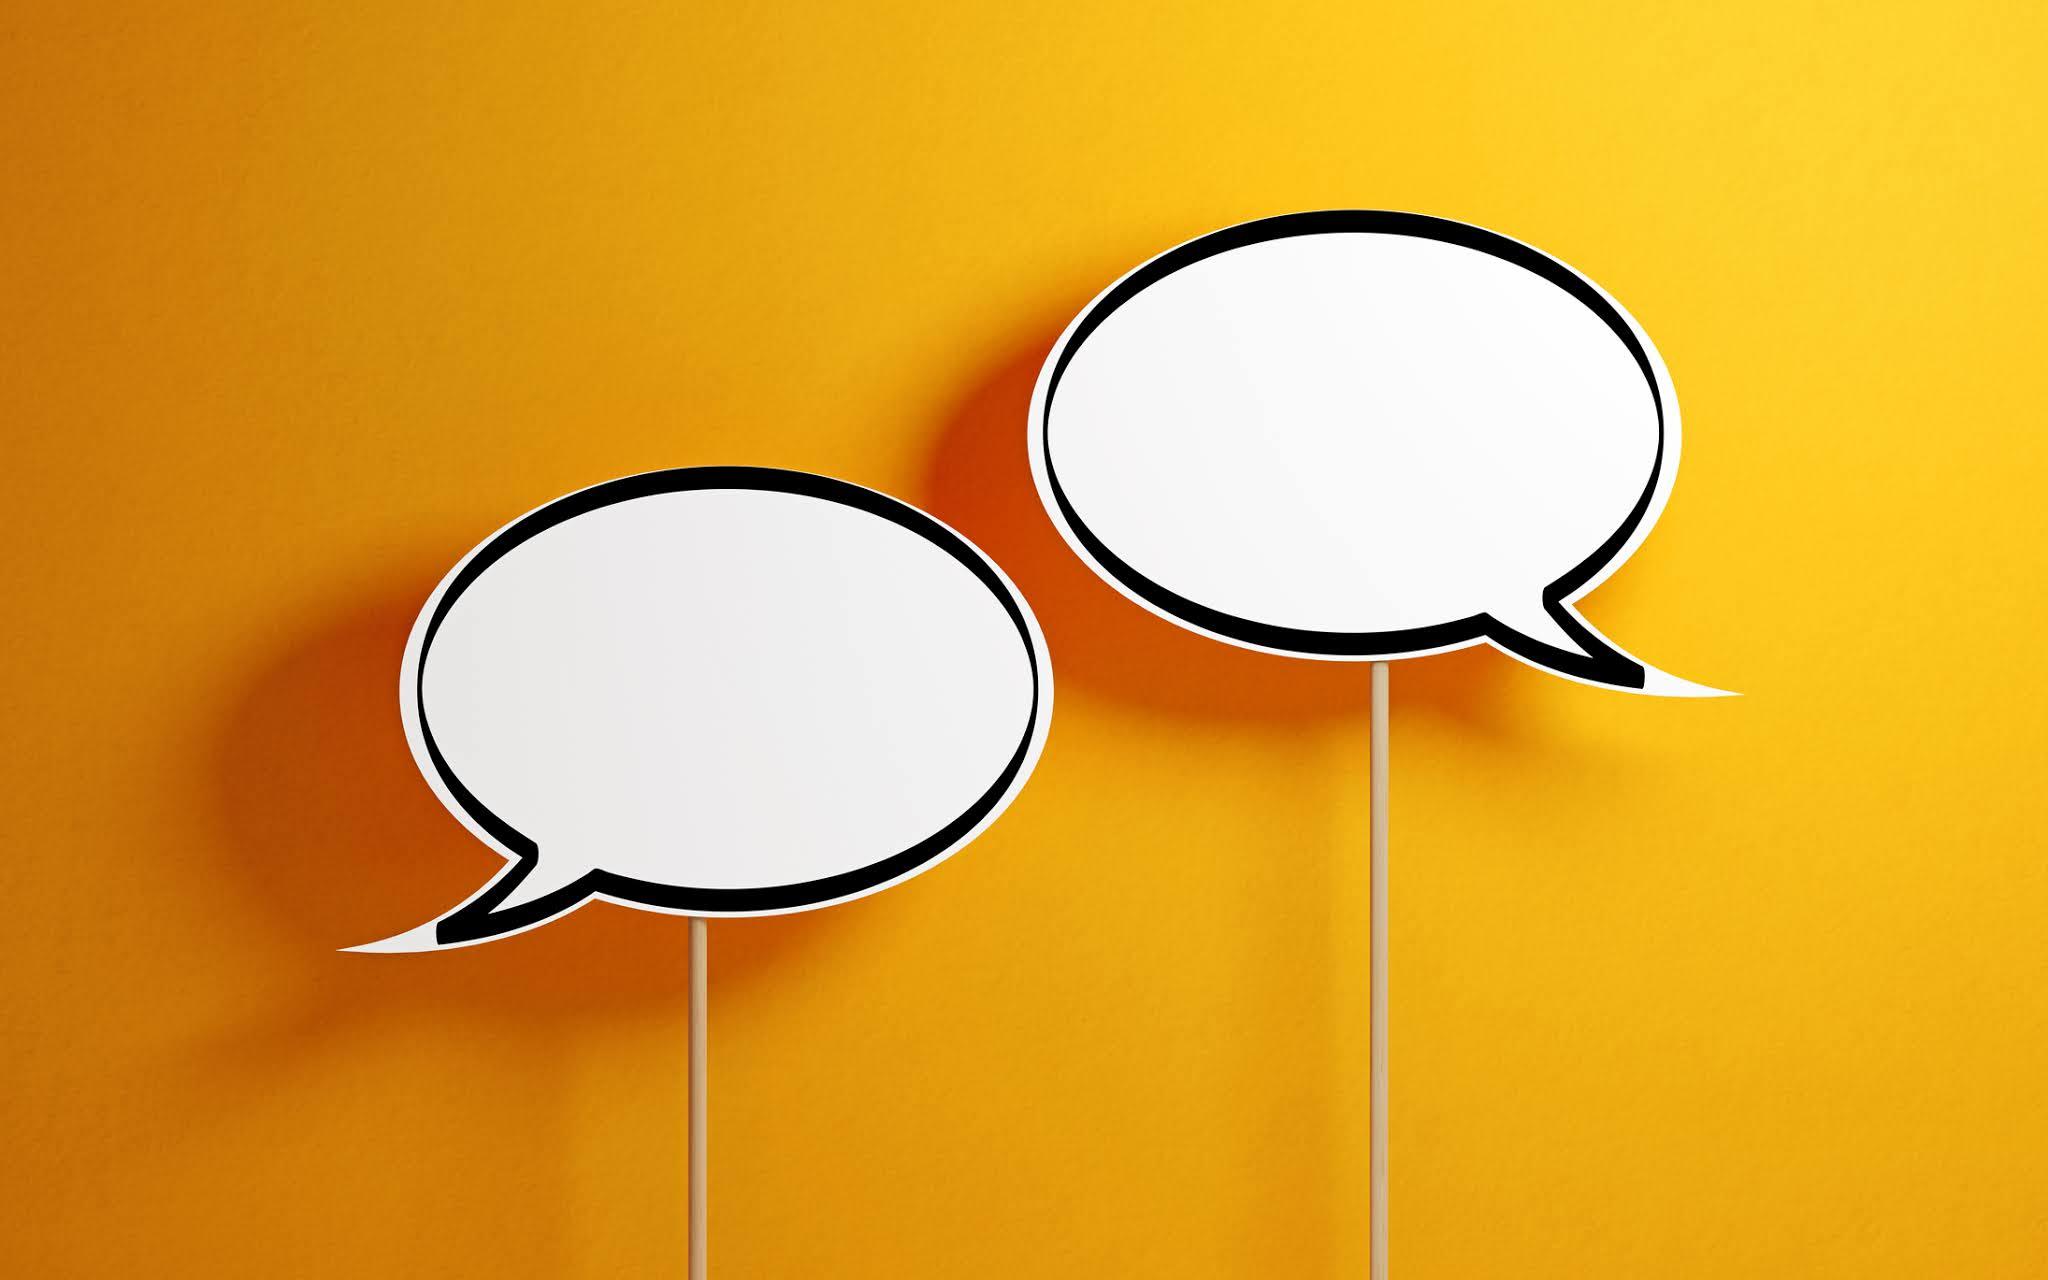 Two speech bubbles